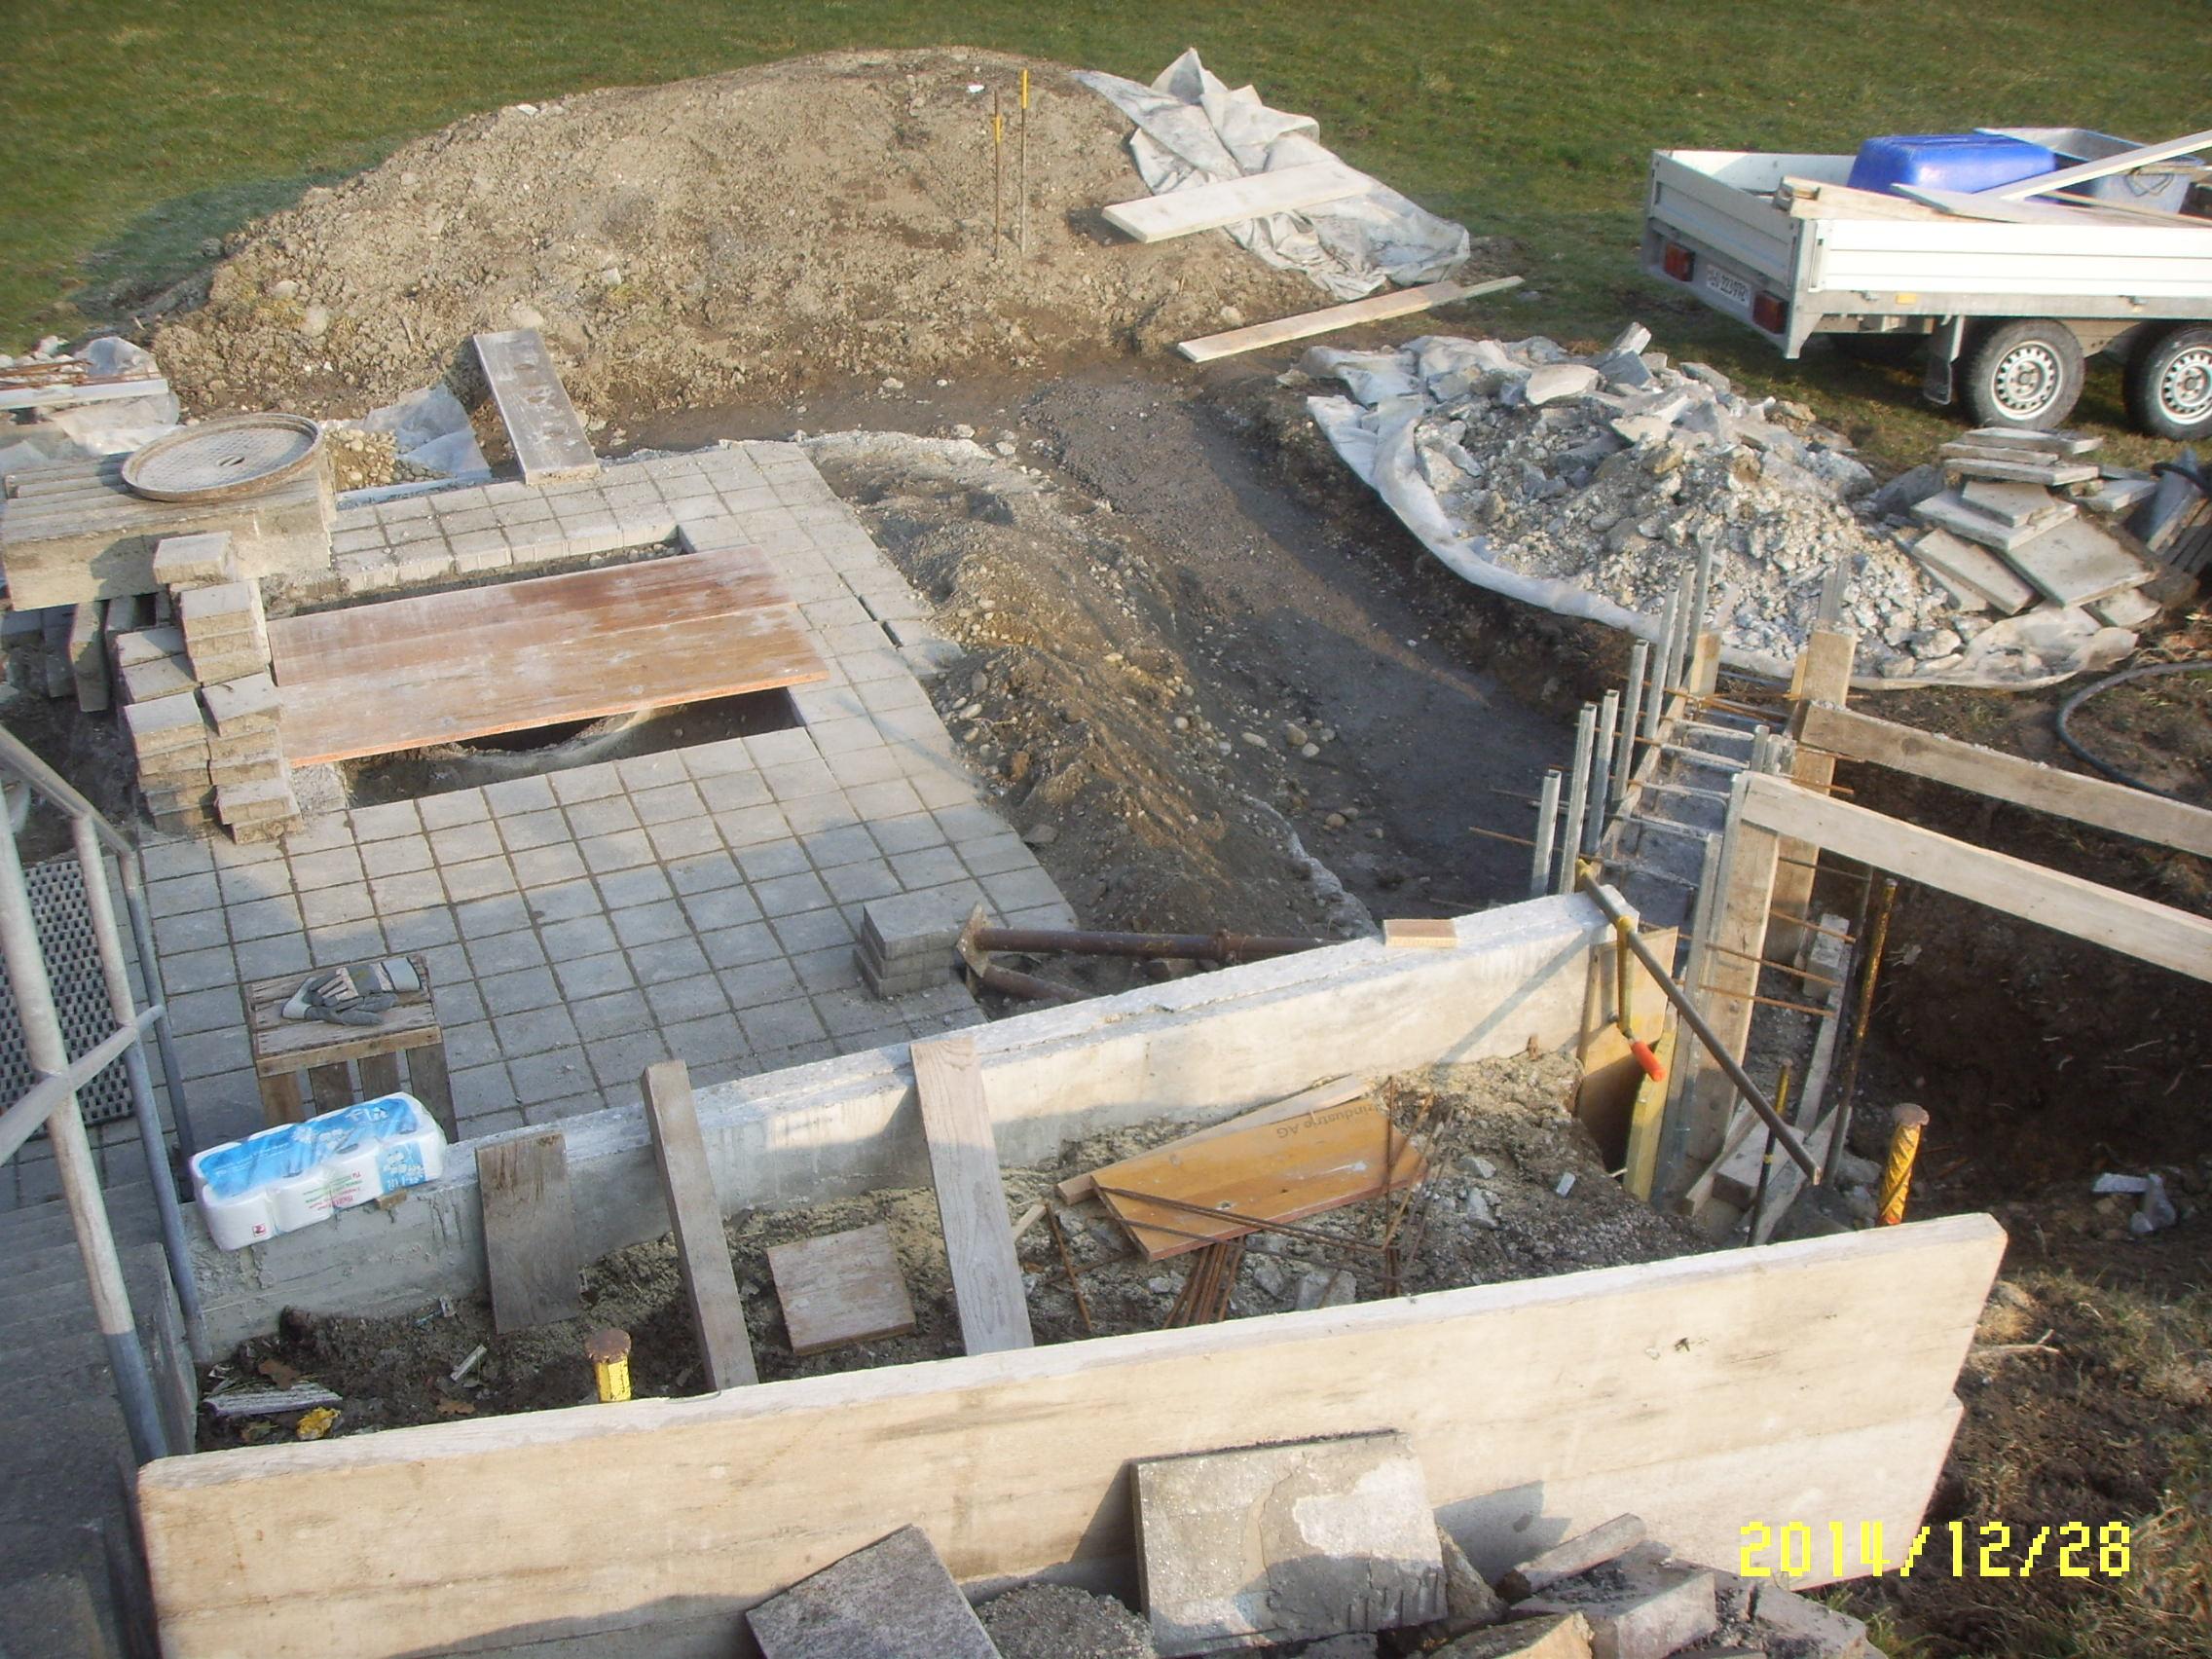 Umbau Grillplatz